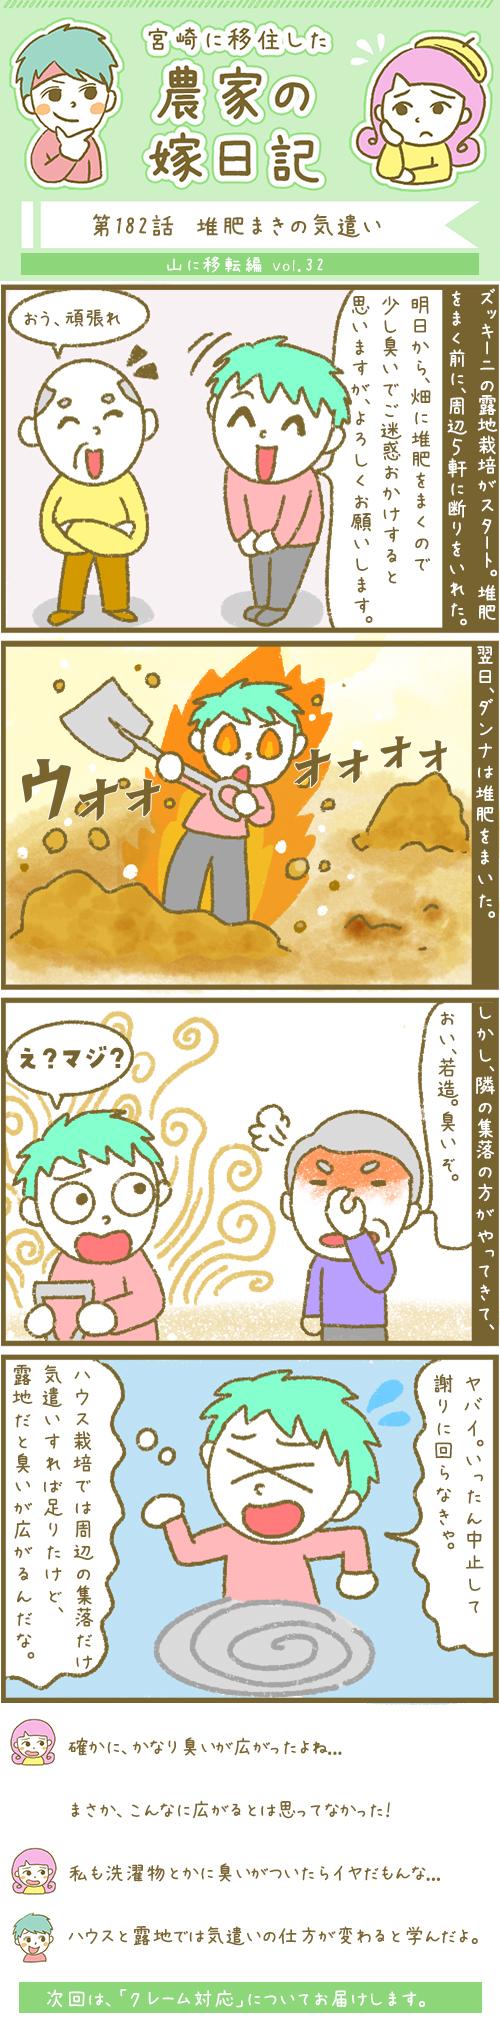 漫画第182話